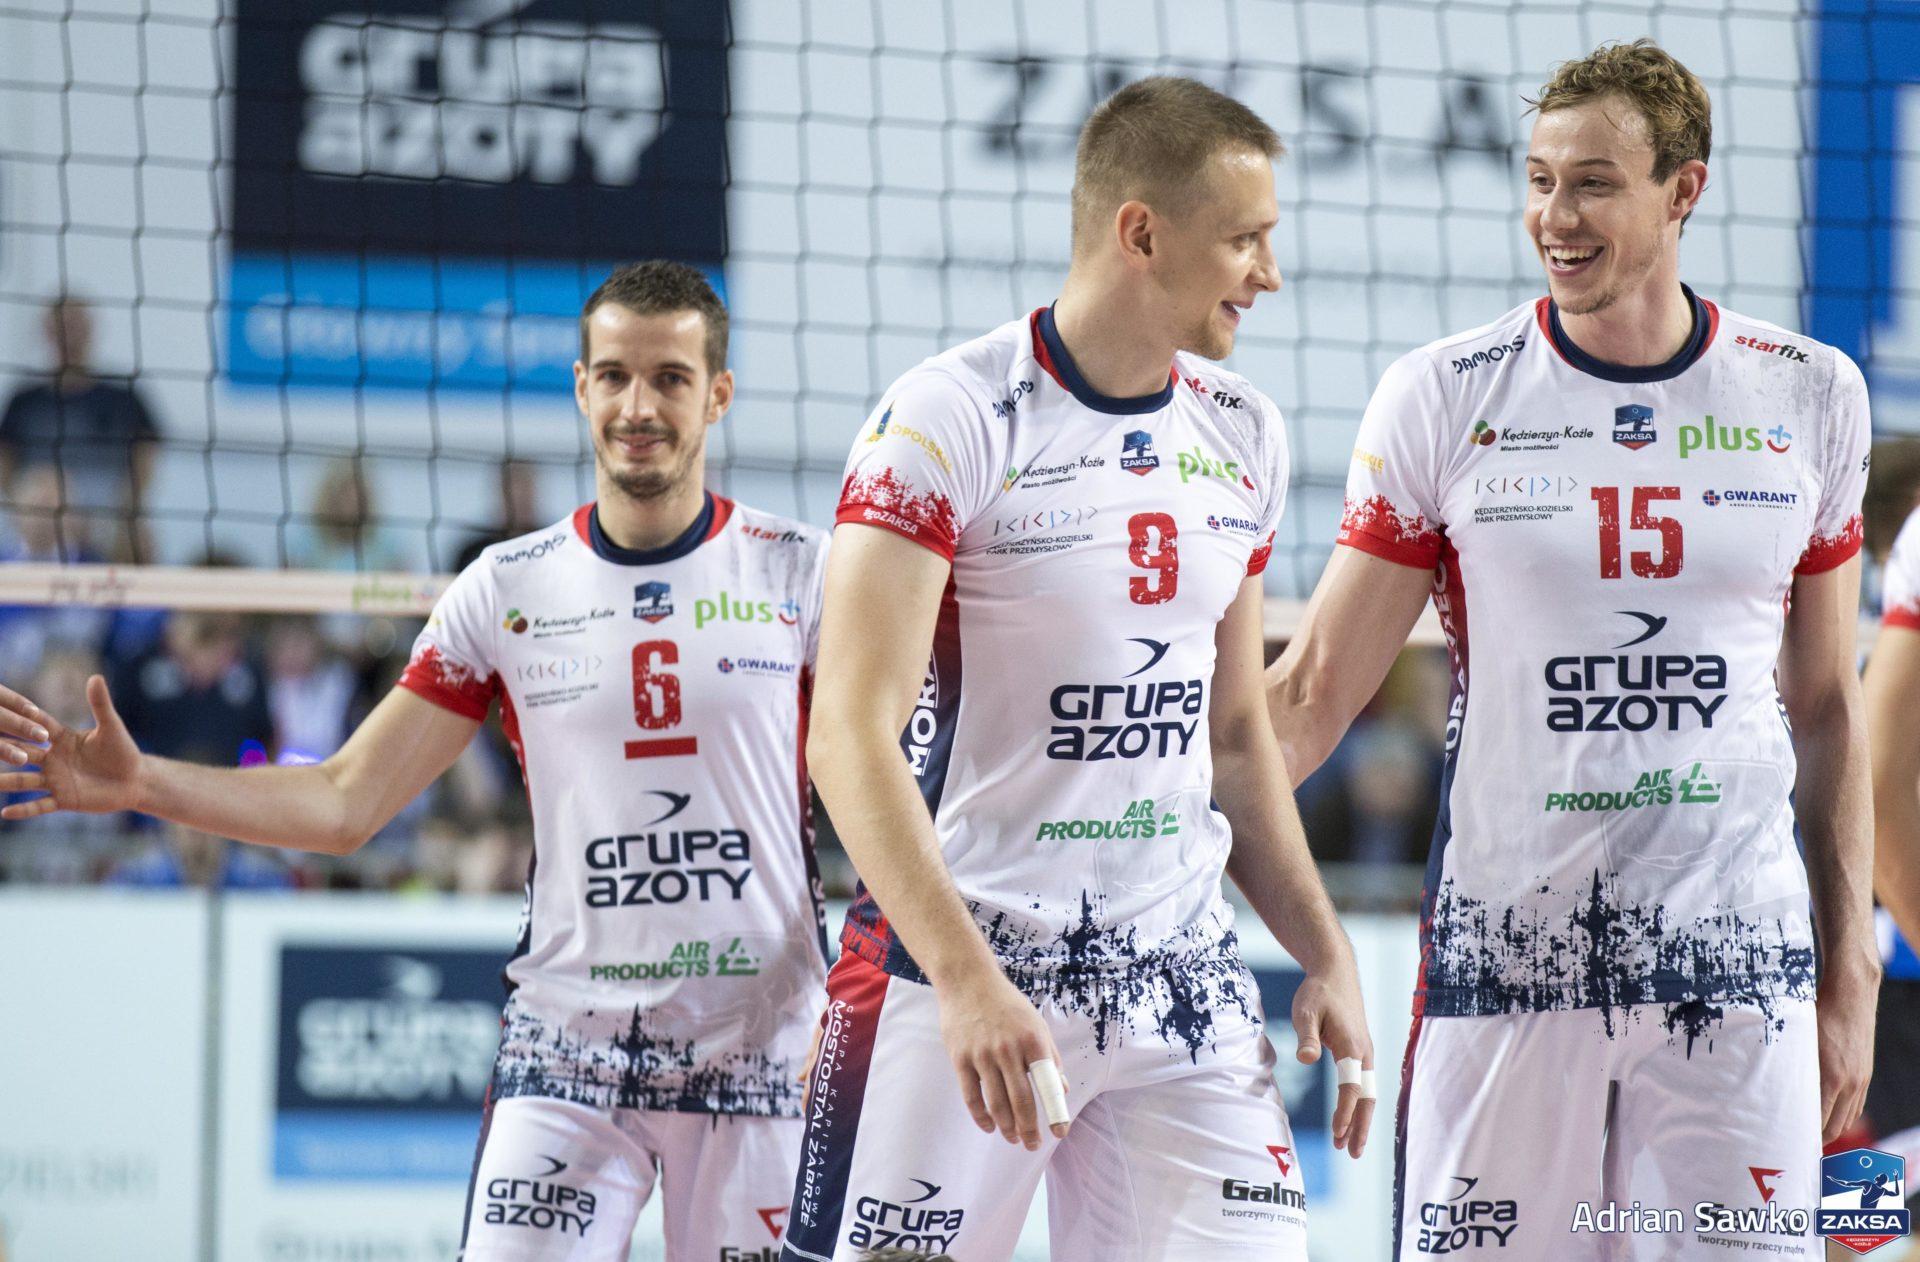 Walczymy na wyjeździe, czy Bydgoszcz będzie szczęśliwa dla ZAKSY?